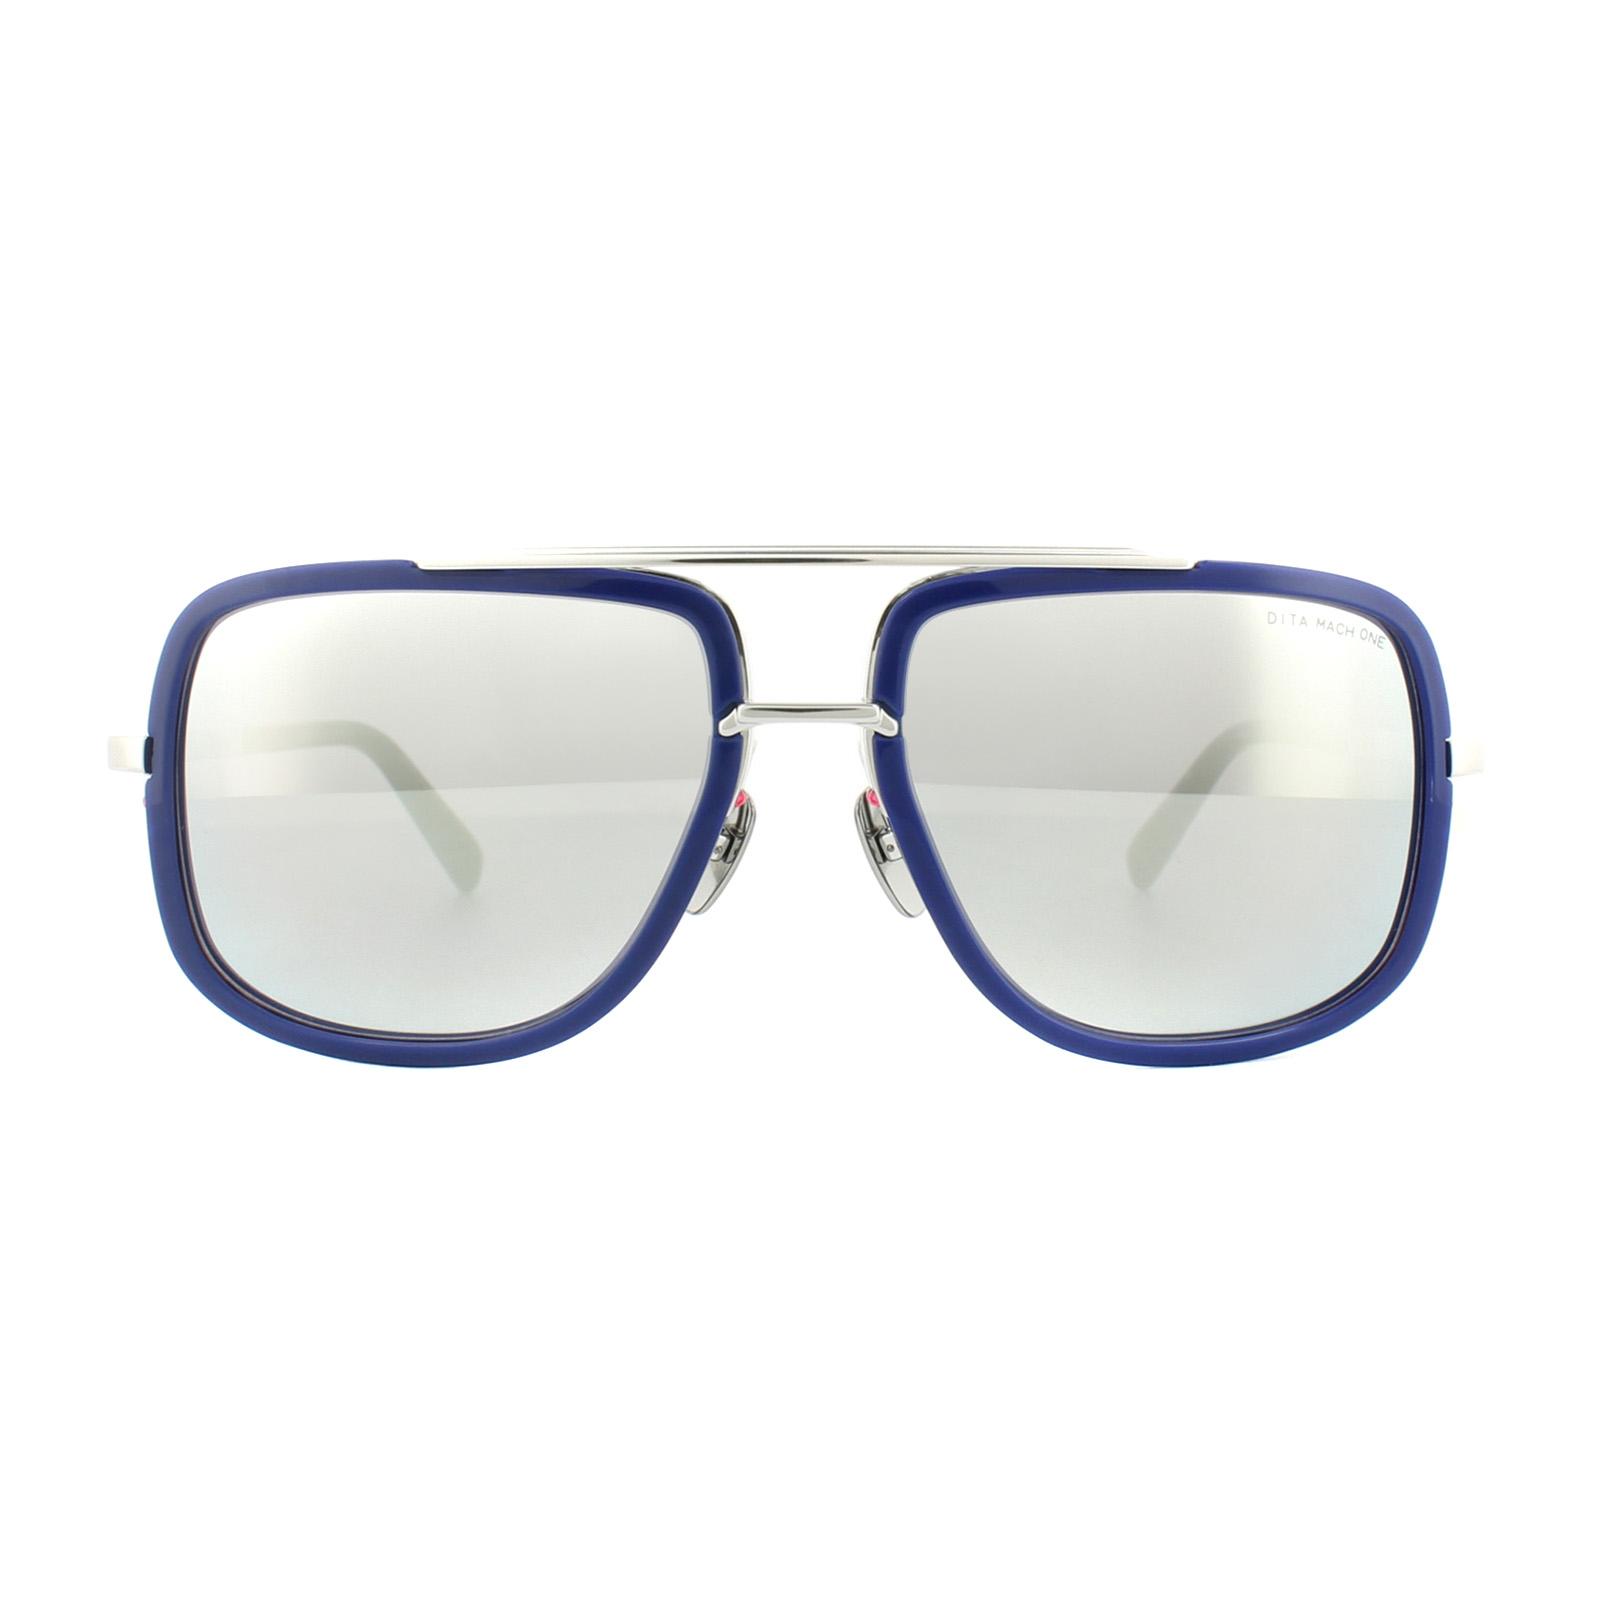 ca3f9746177 Cheap Dita Mach-One Sunglasses - Discounted Sunglasses